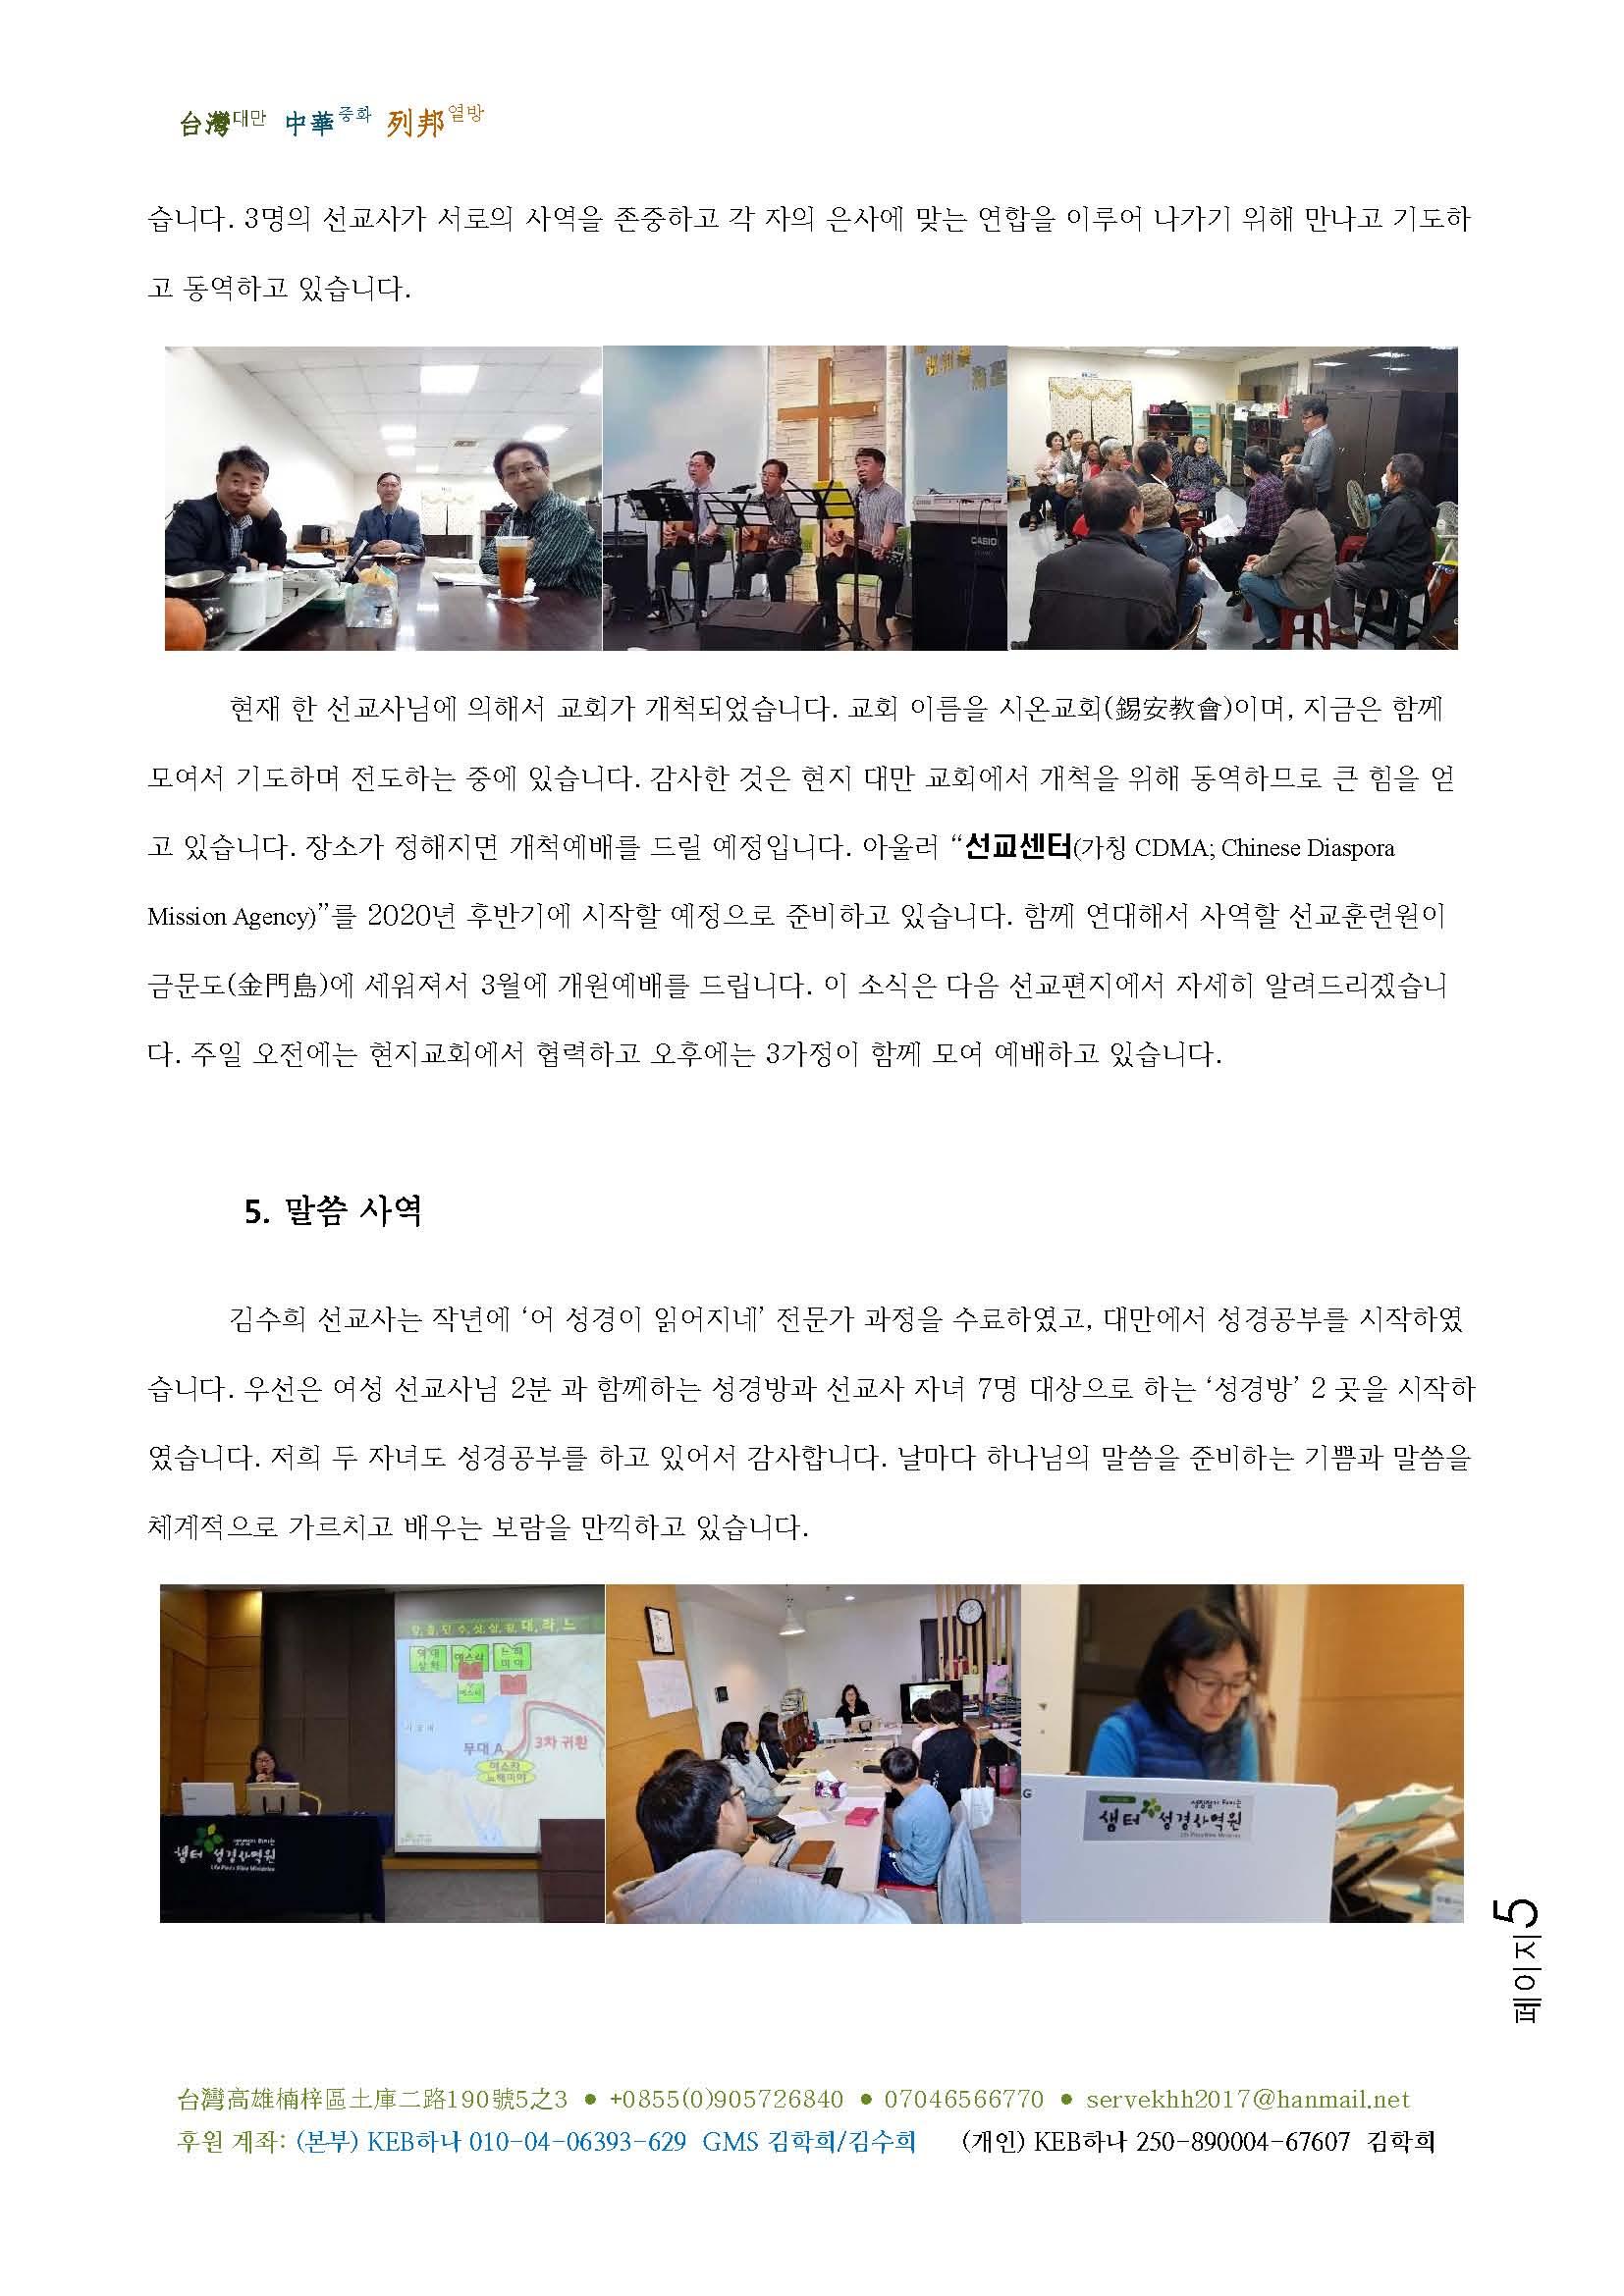 20200226선교기도편지(김학희 선교사)_페이지_5.jpg